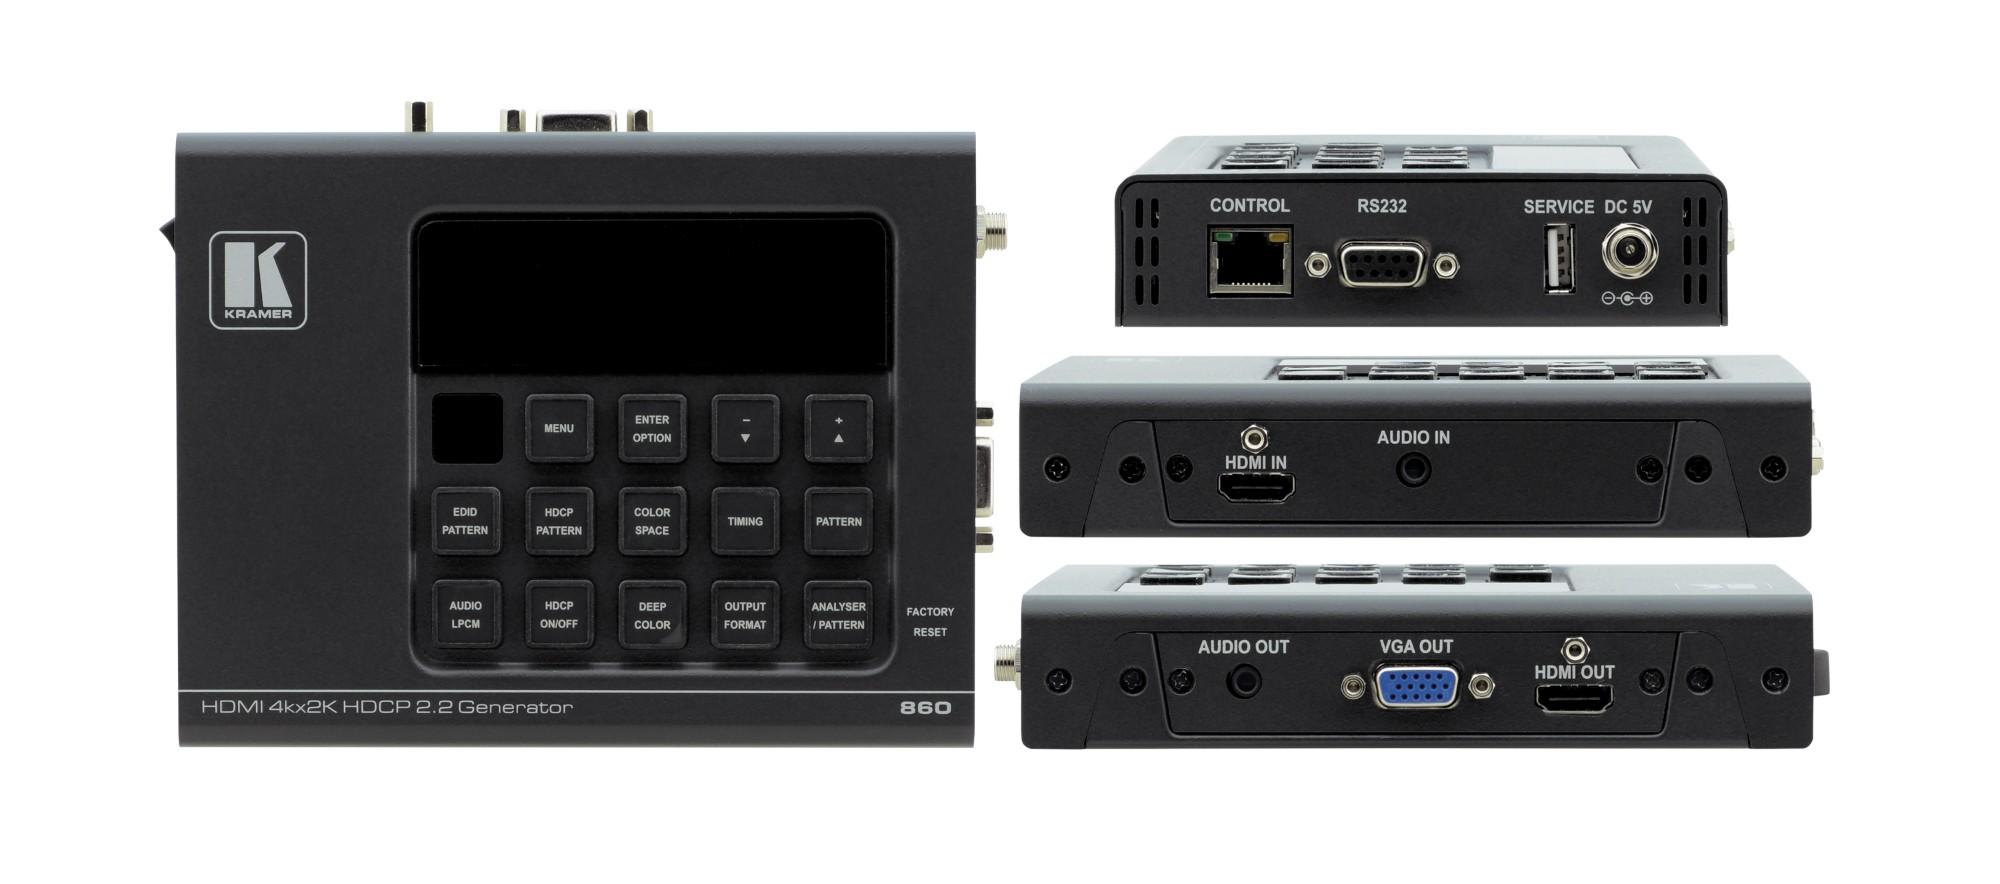 Kramer Electronics 860 AV extender Black